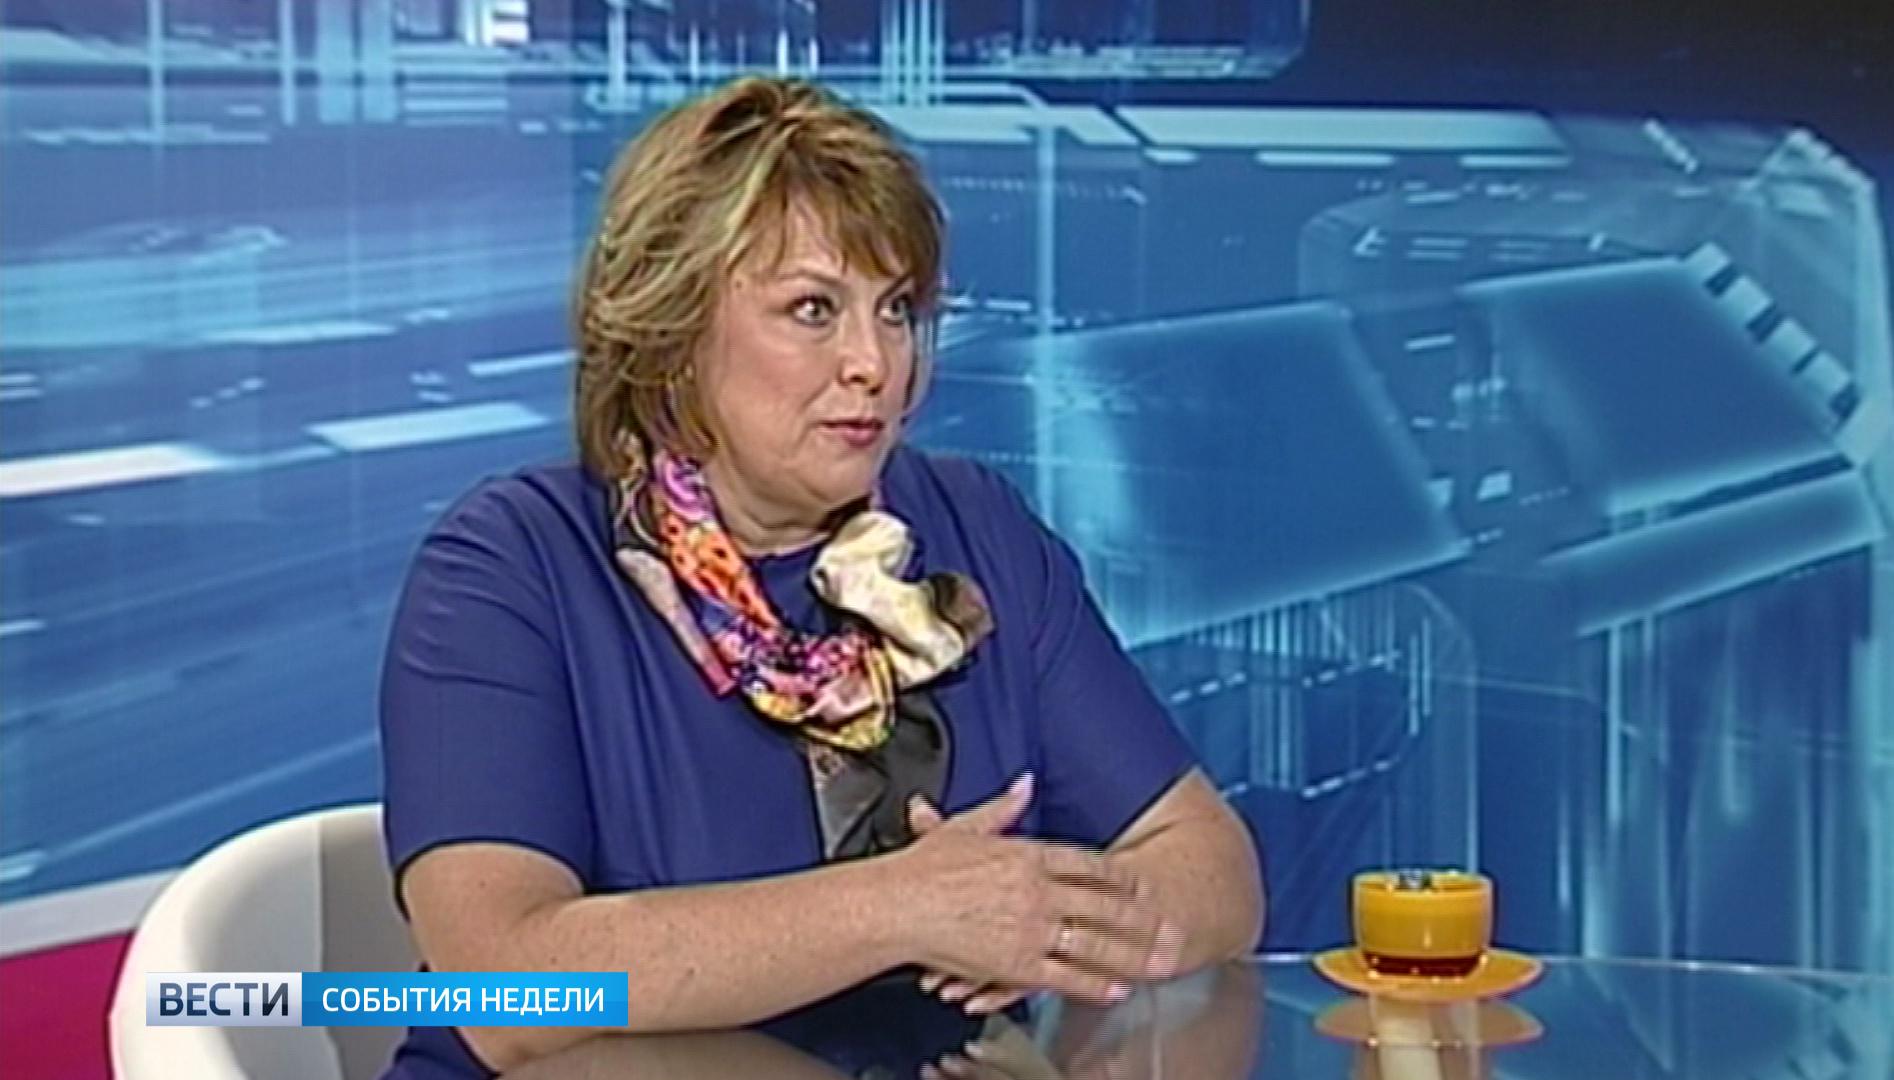 Главный внештатный неонатолог области о перспективе появления бэби-боксов в Воронеже